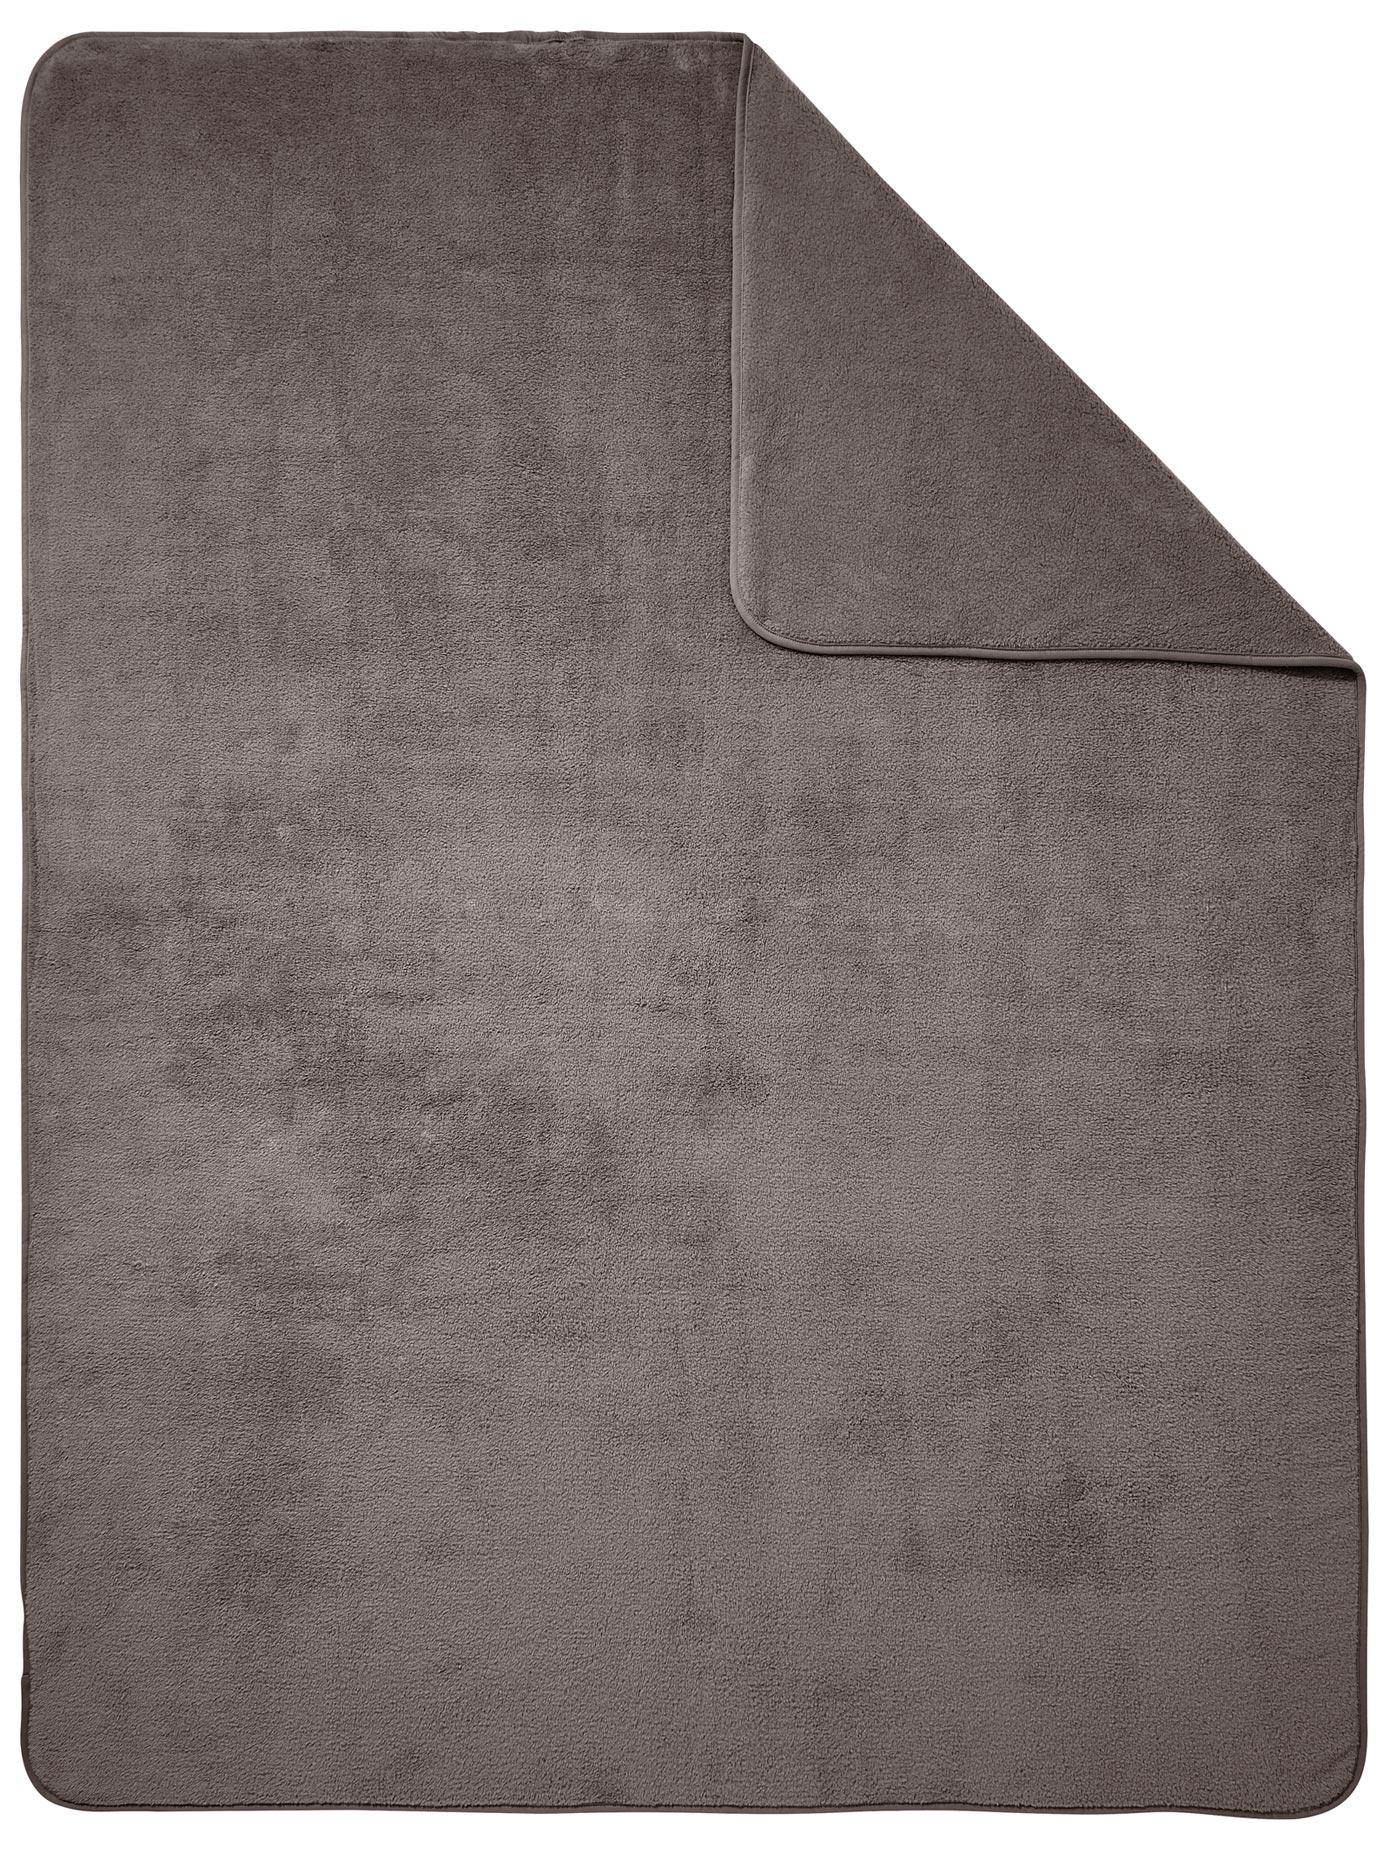 S.Oliver Wohndecke Wohnen/Wohntextilien/Decken/Kunstfaserdecken